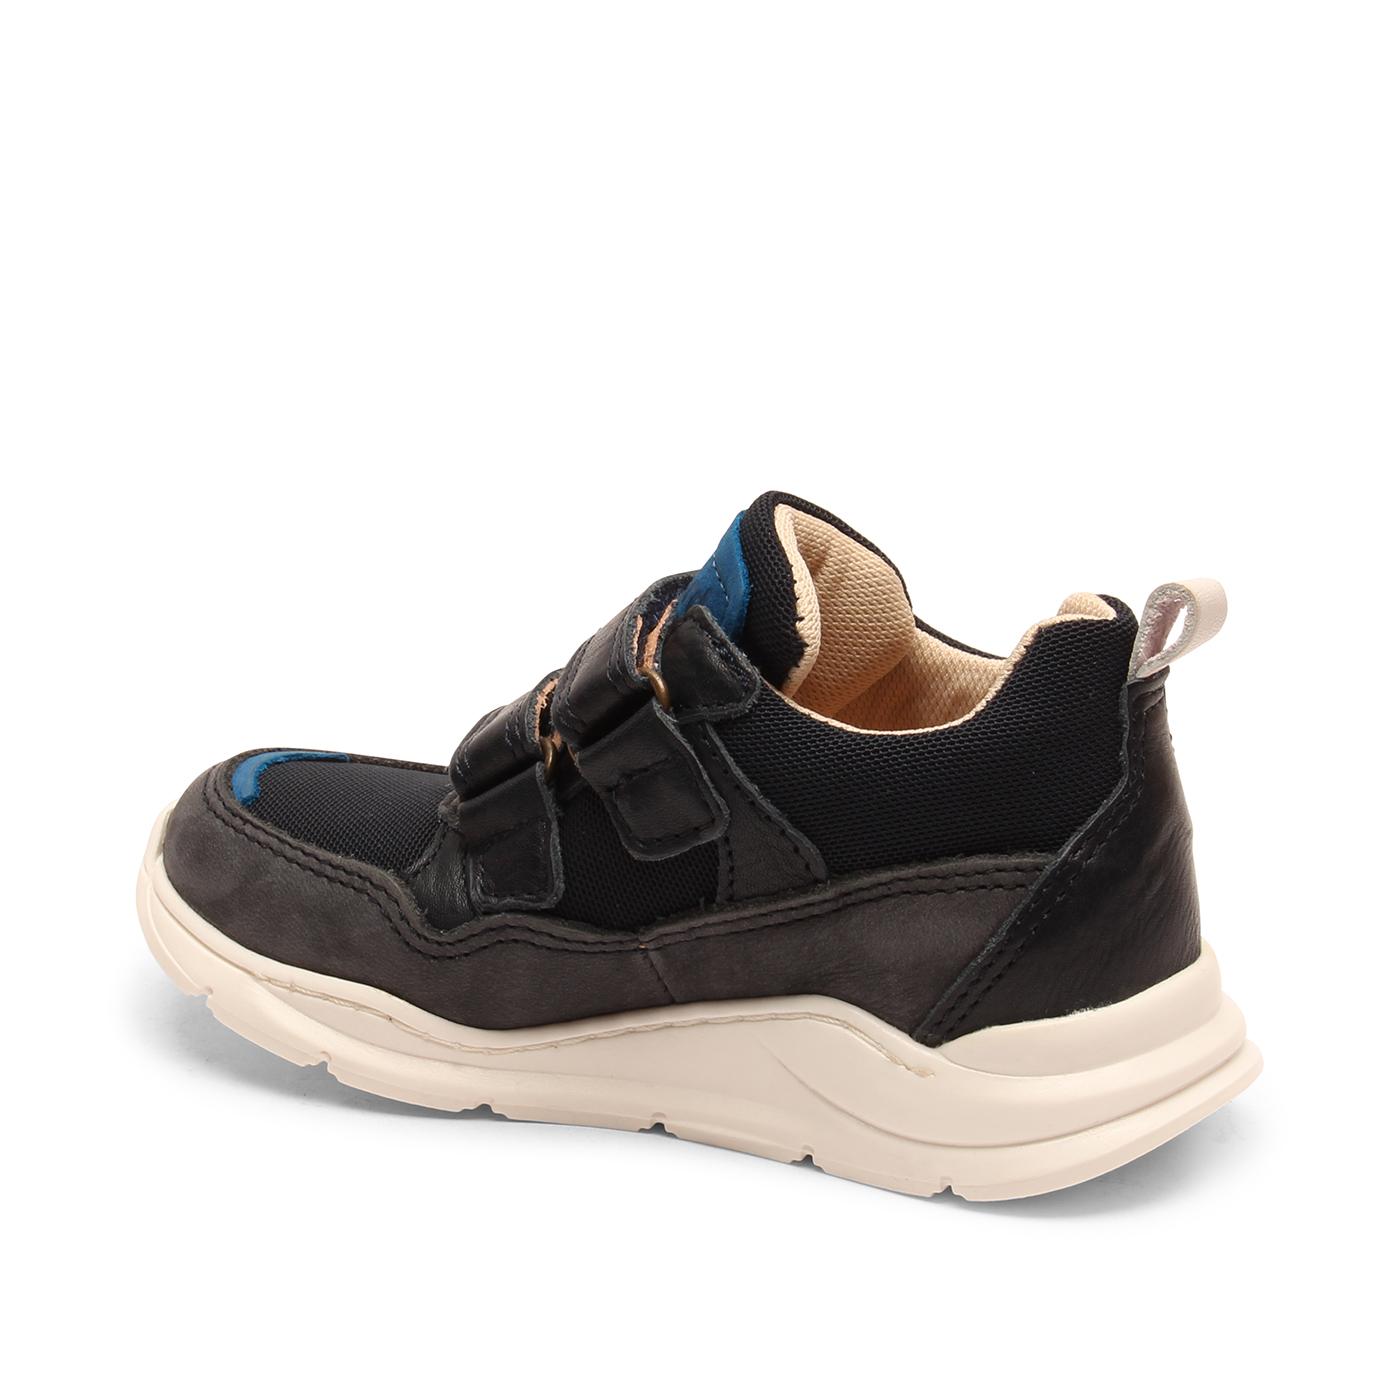 Bisgaard Pan TEX støvle, navy, 28